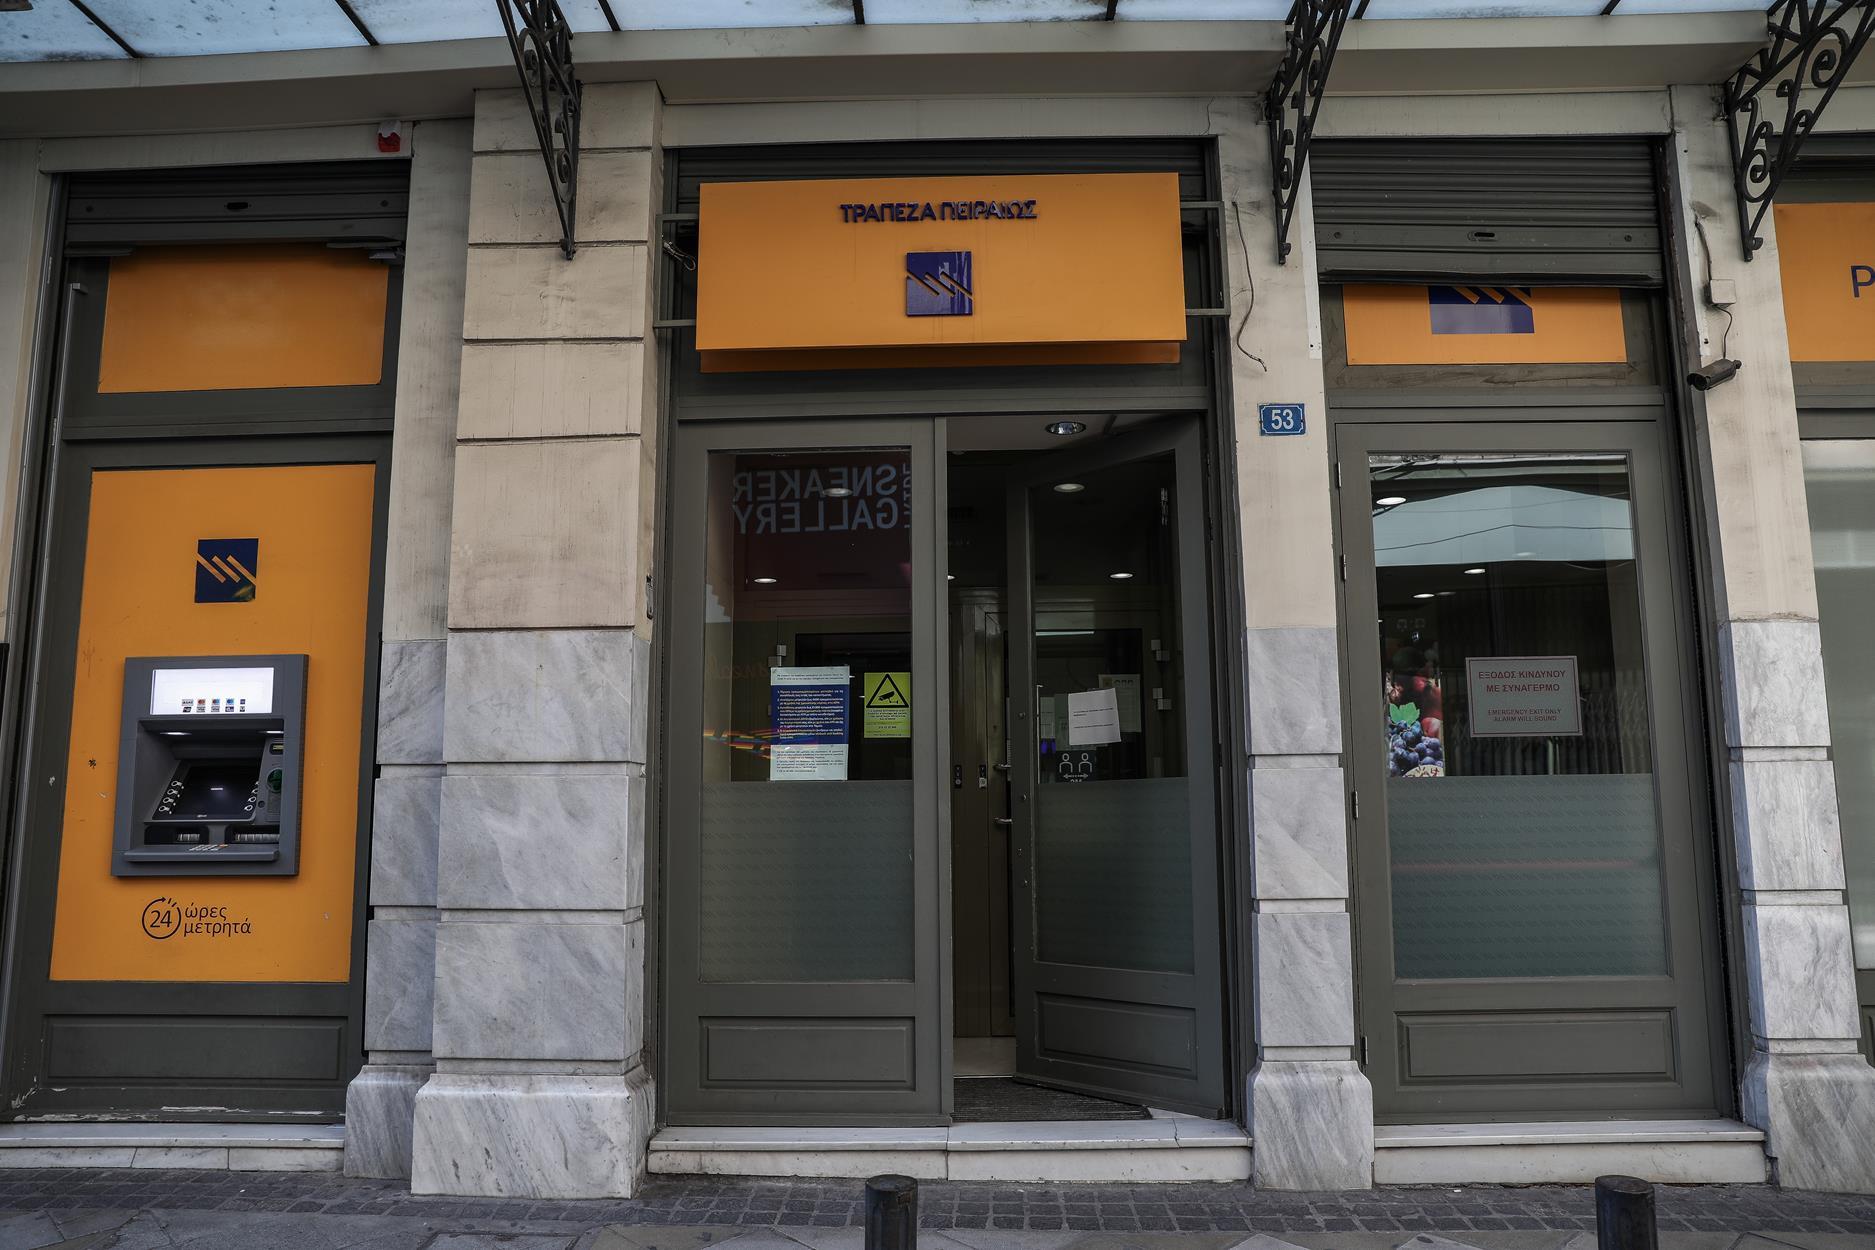 Ληστεία τράπεζας στη Μητροπόλεως